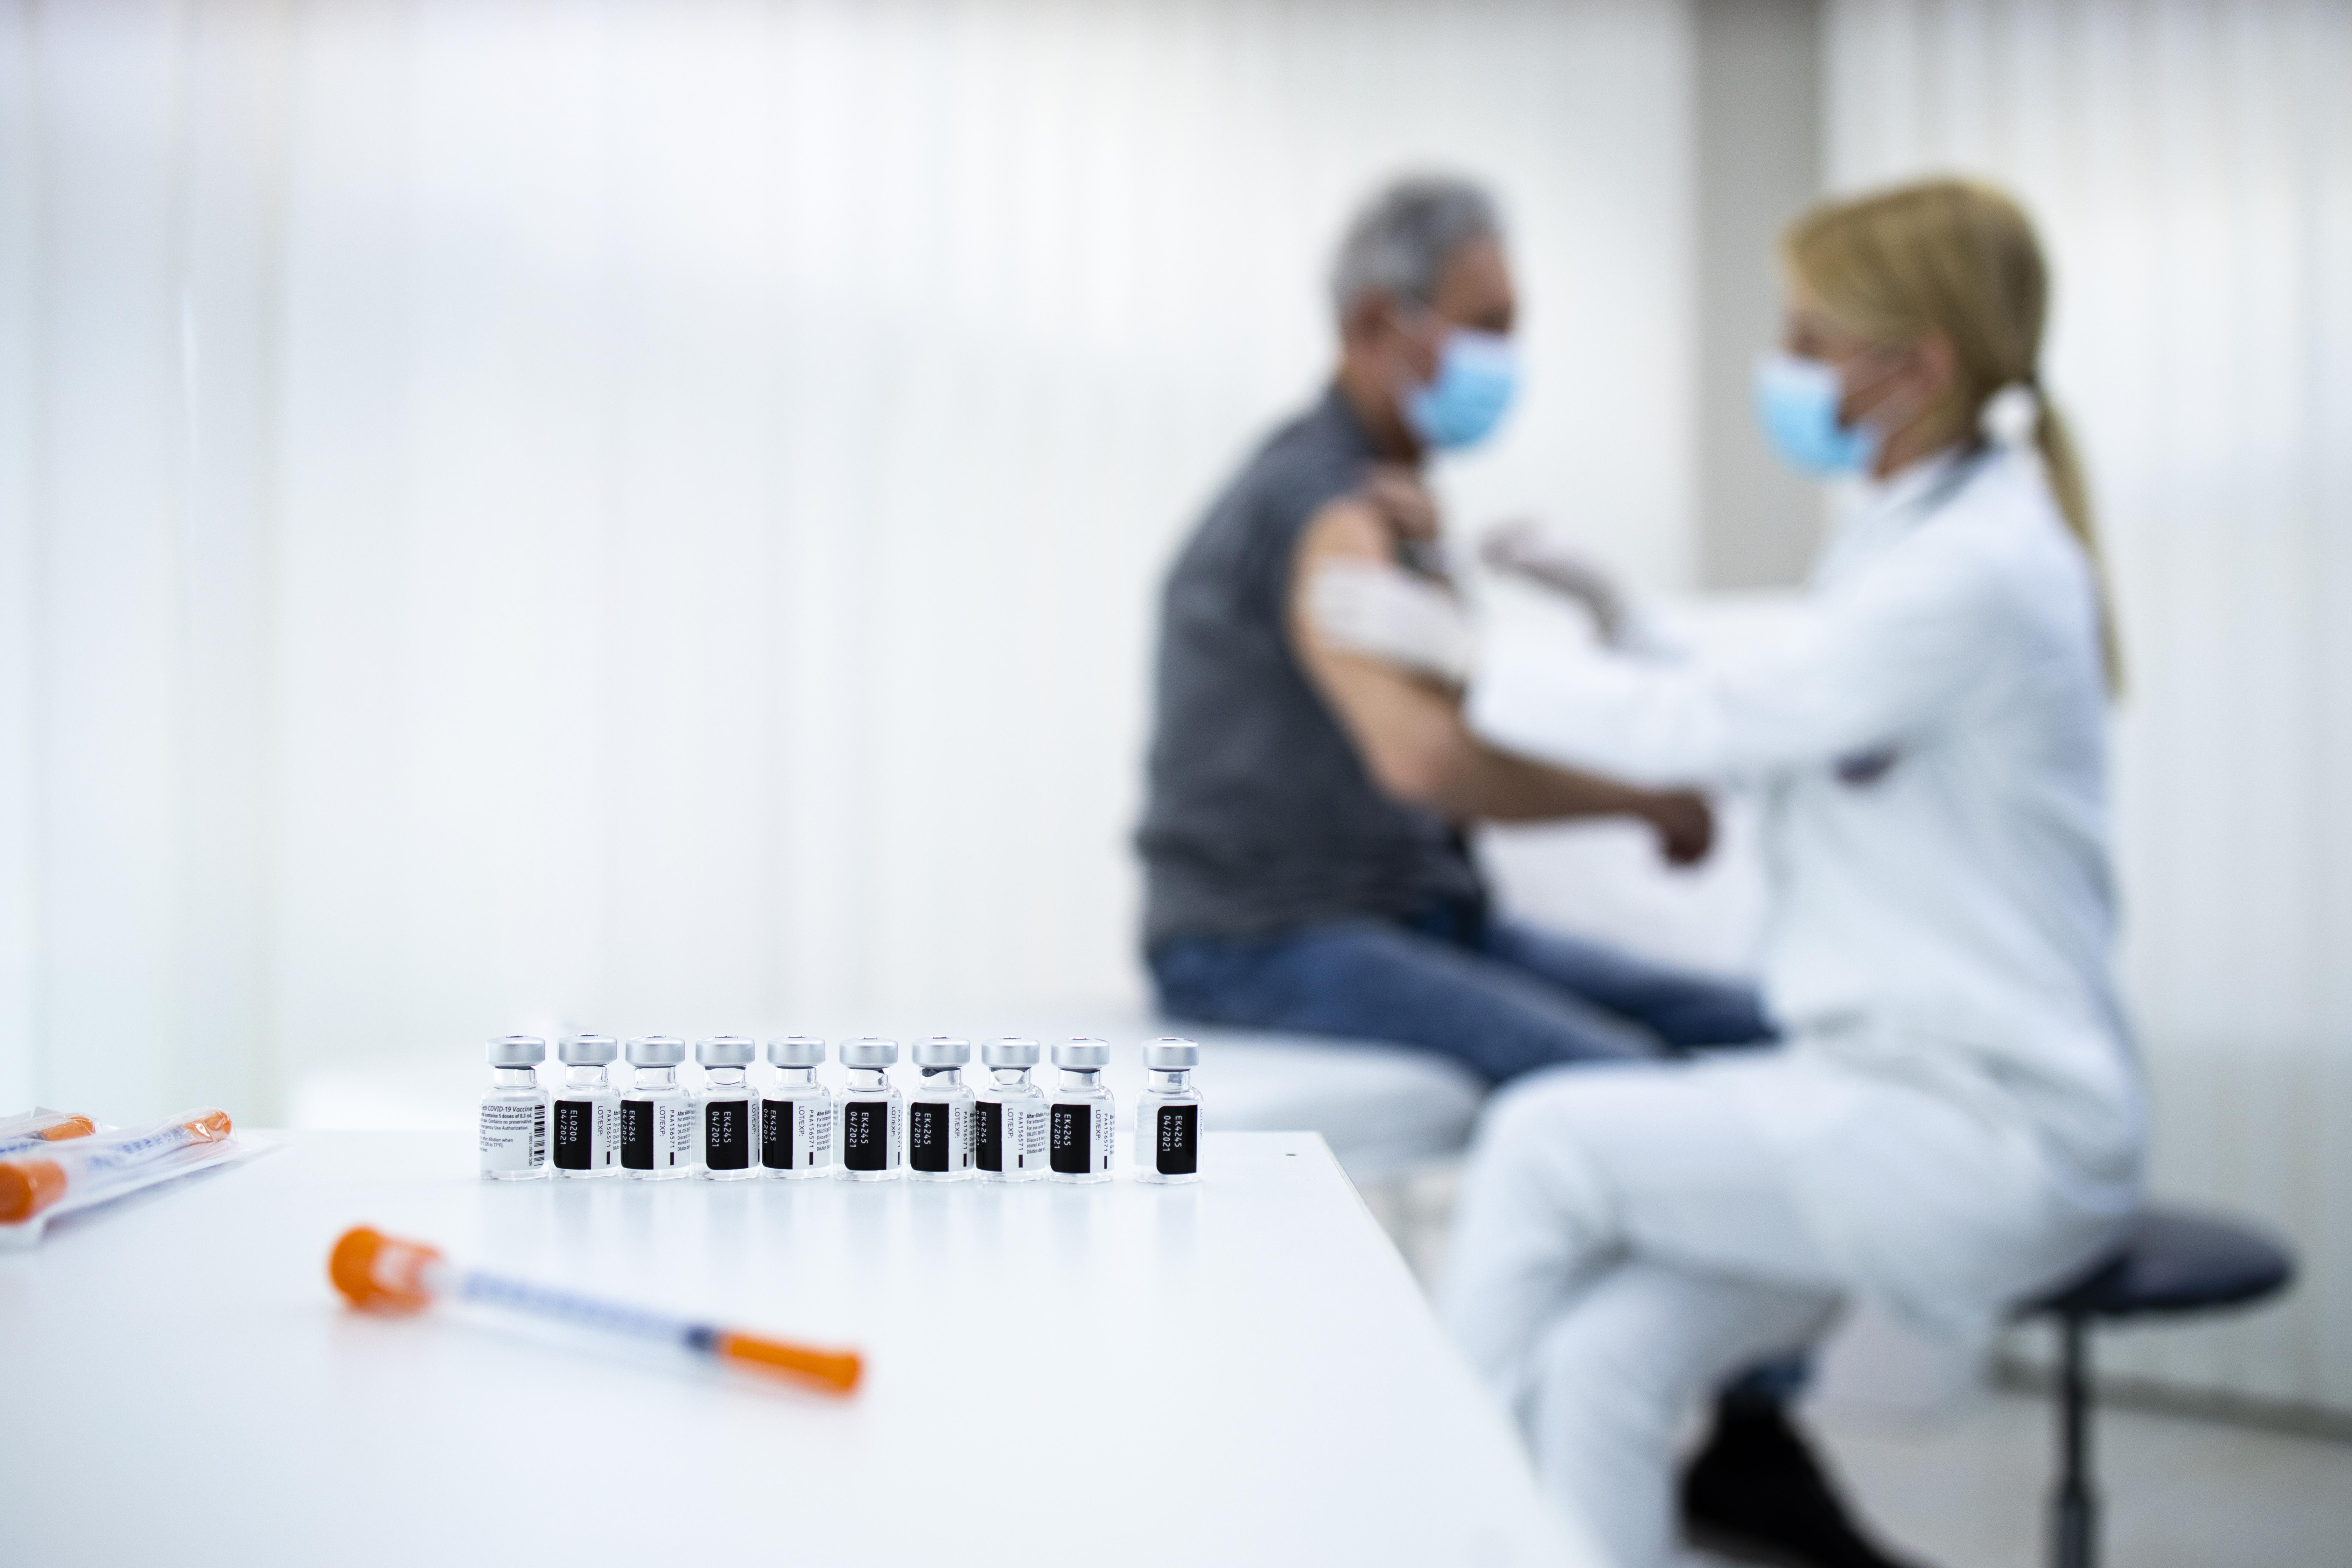 La vaccination contre le COVID-19 permet aussi de réduire le risque d'infection asymptomatique par le SRAS-CoV-2